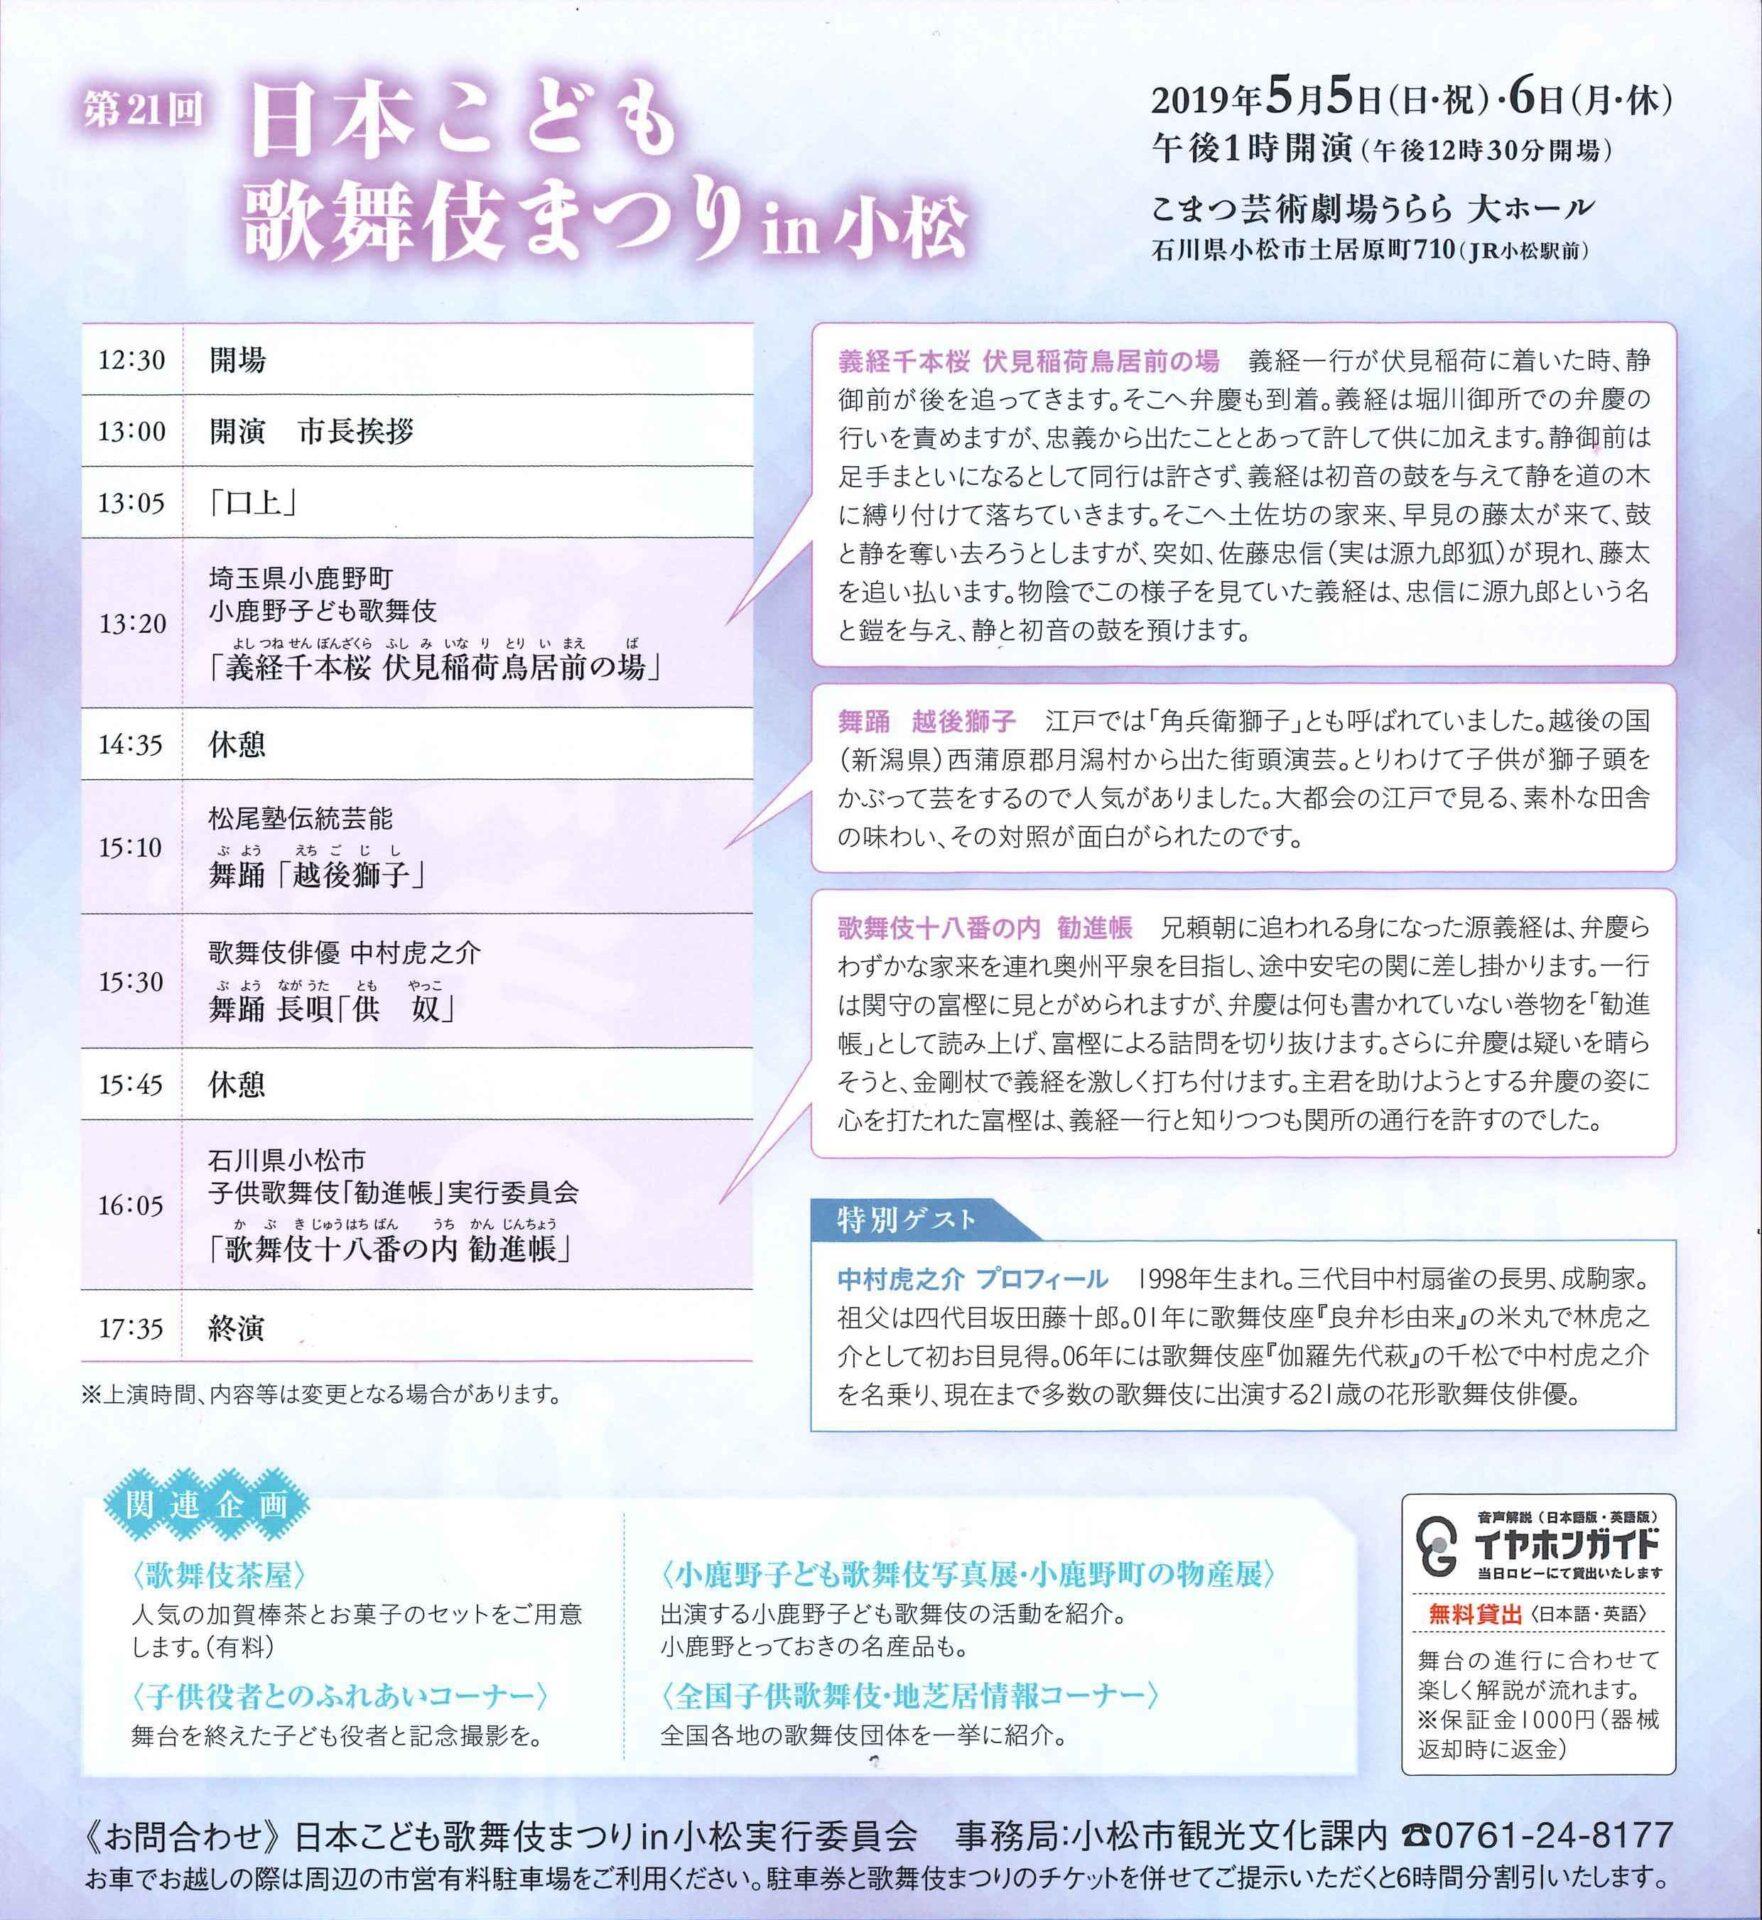 第21回日本こども歌舞伎まつりin小松 - イベント|石川県こまつ芸術 ...